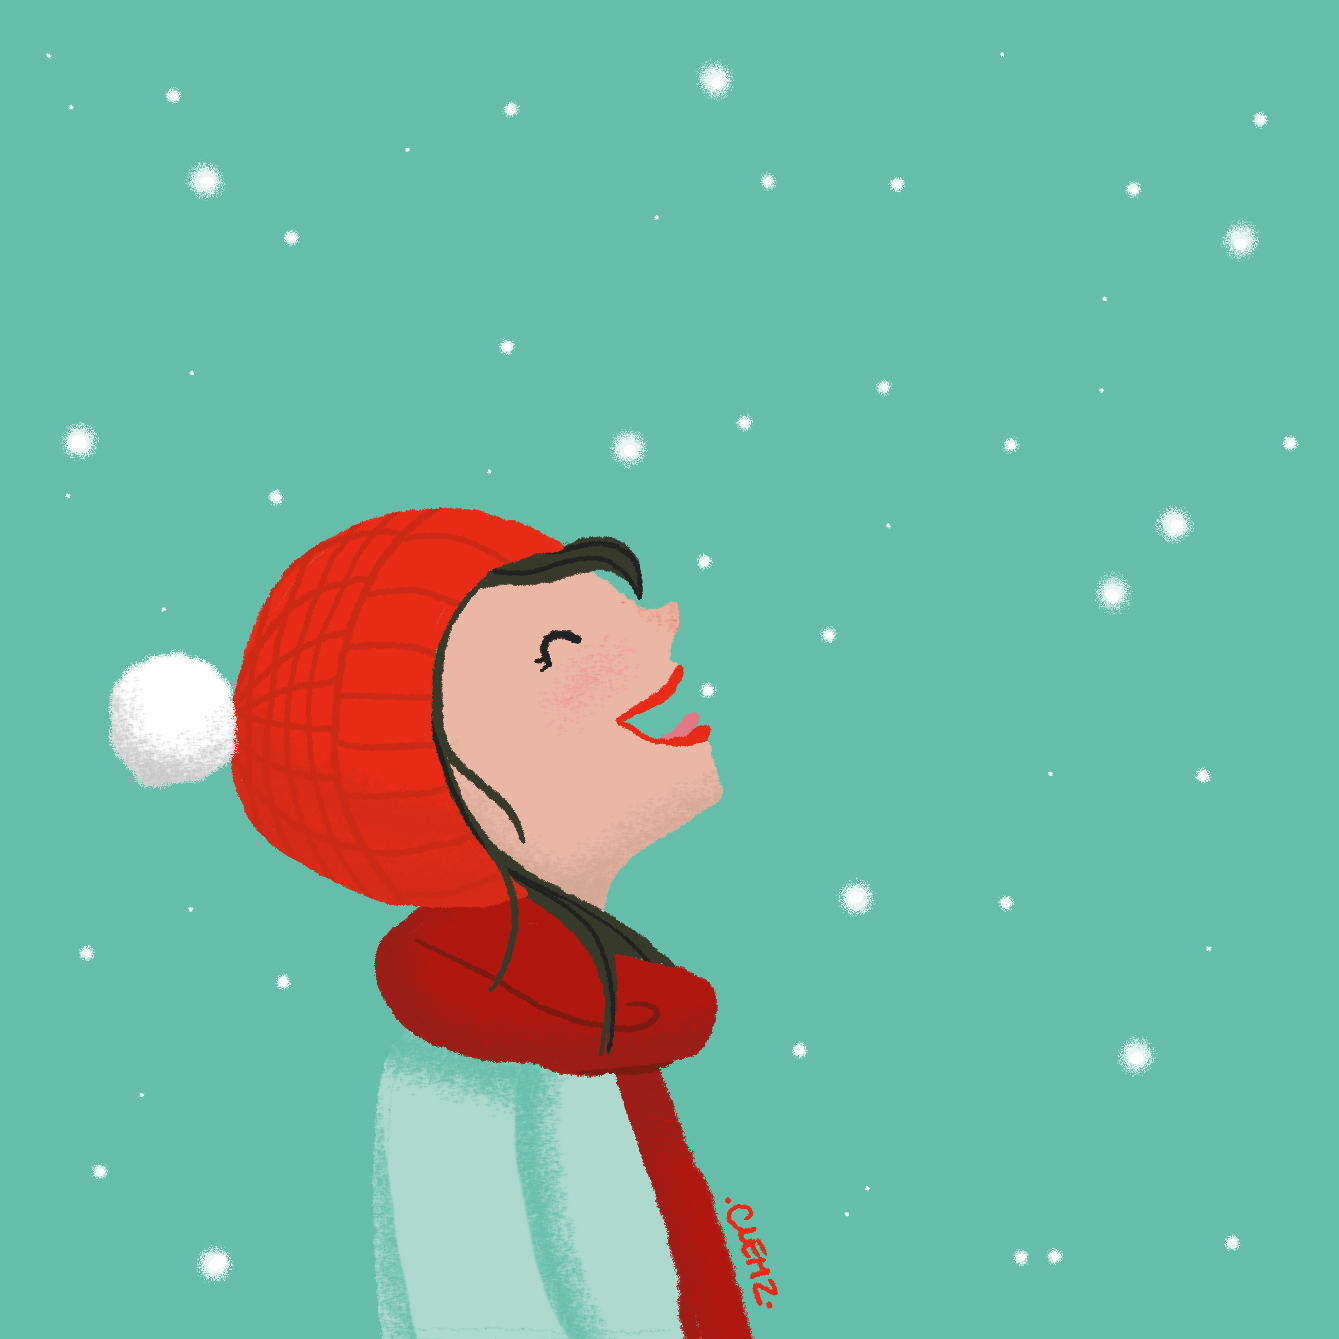 illustration fille flocons - lyon - paris - france